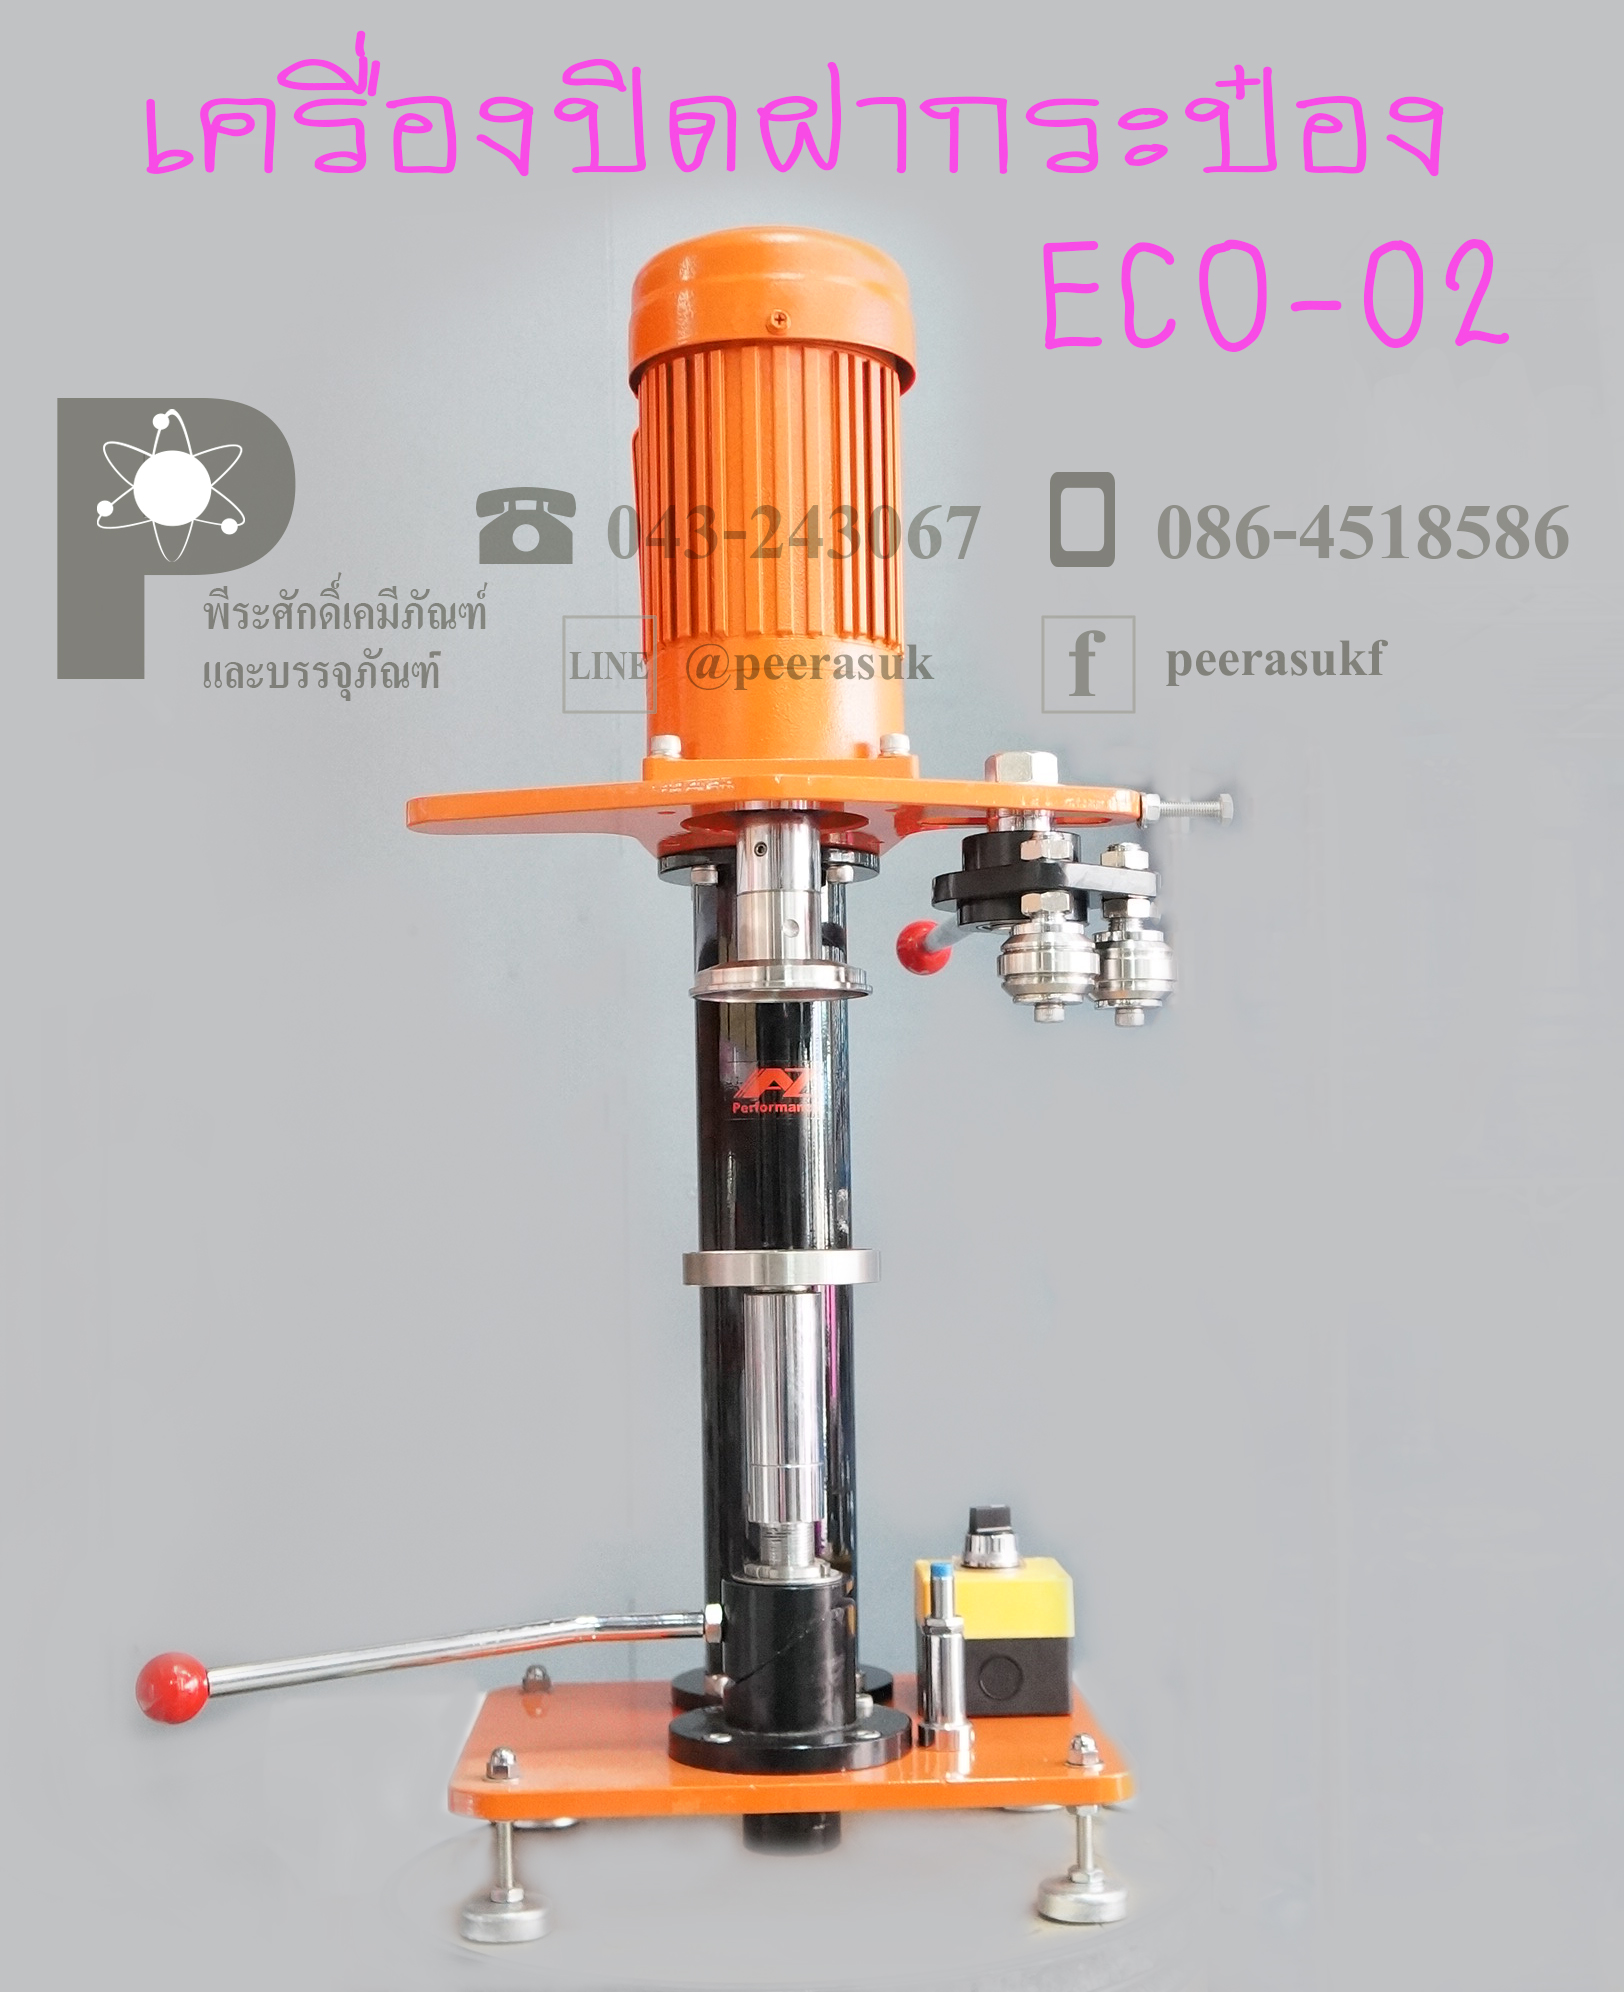 เครื่องปิดฝากระป๋อง กึ่งอัตโนมัติ รุ่น ECO-02 (ยังไม่รวมค่าขนส่ง)